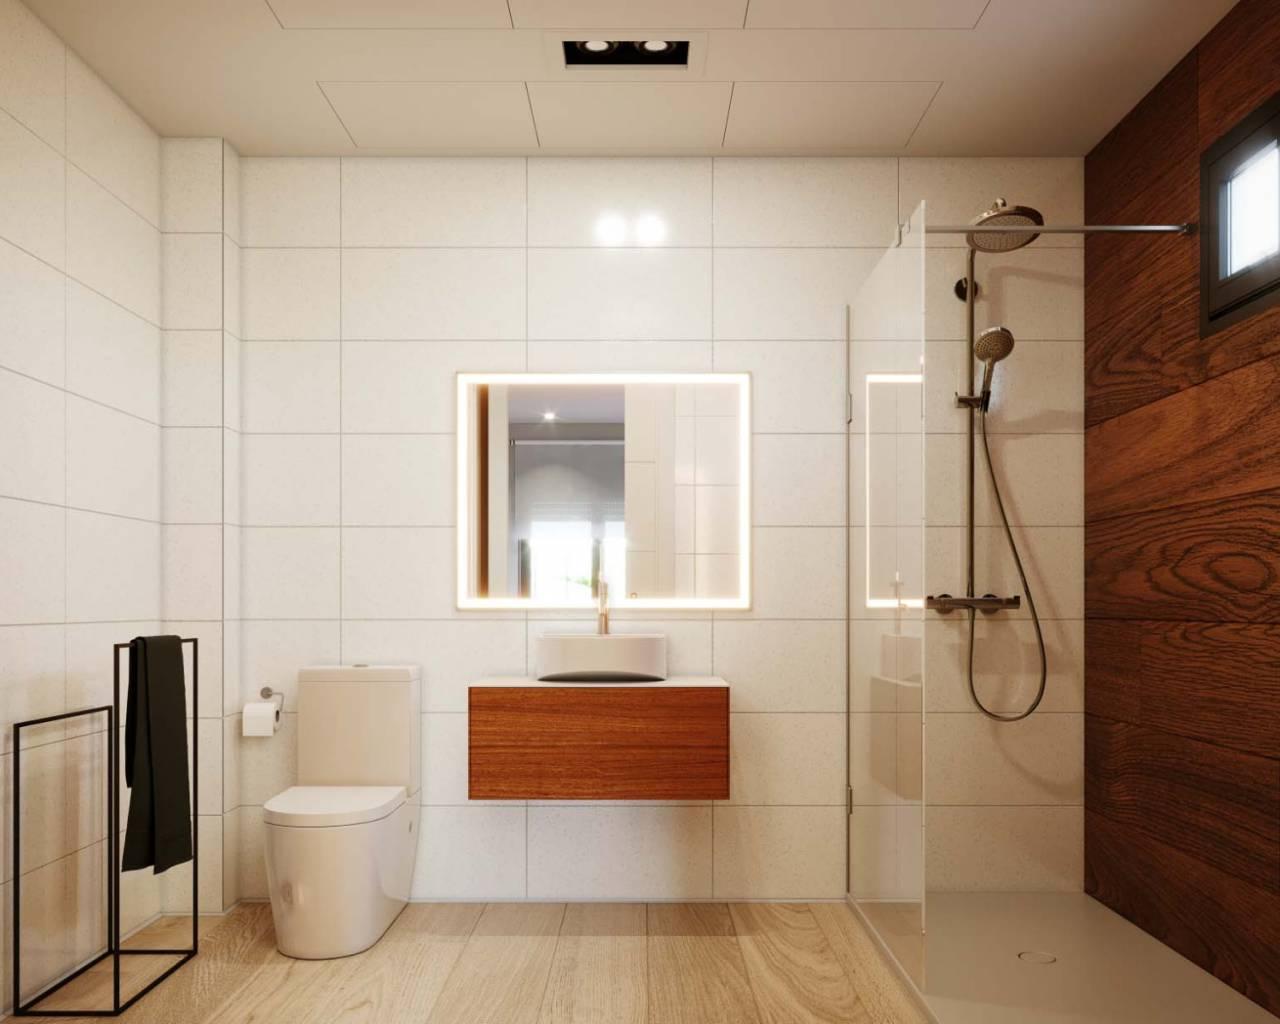 nieuwbouw-geschakelde-woning-duplex-torre-pacheco-dolores_5557_xl